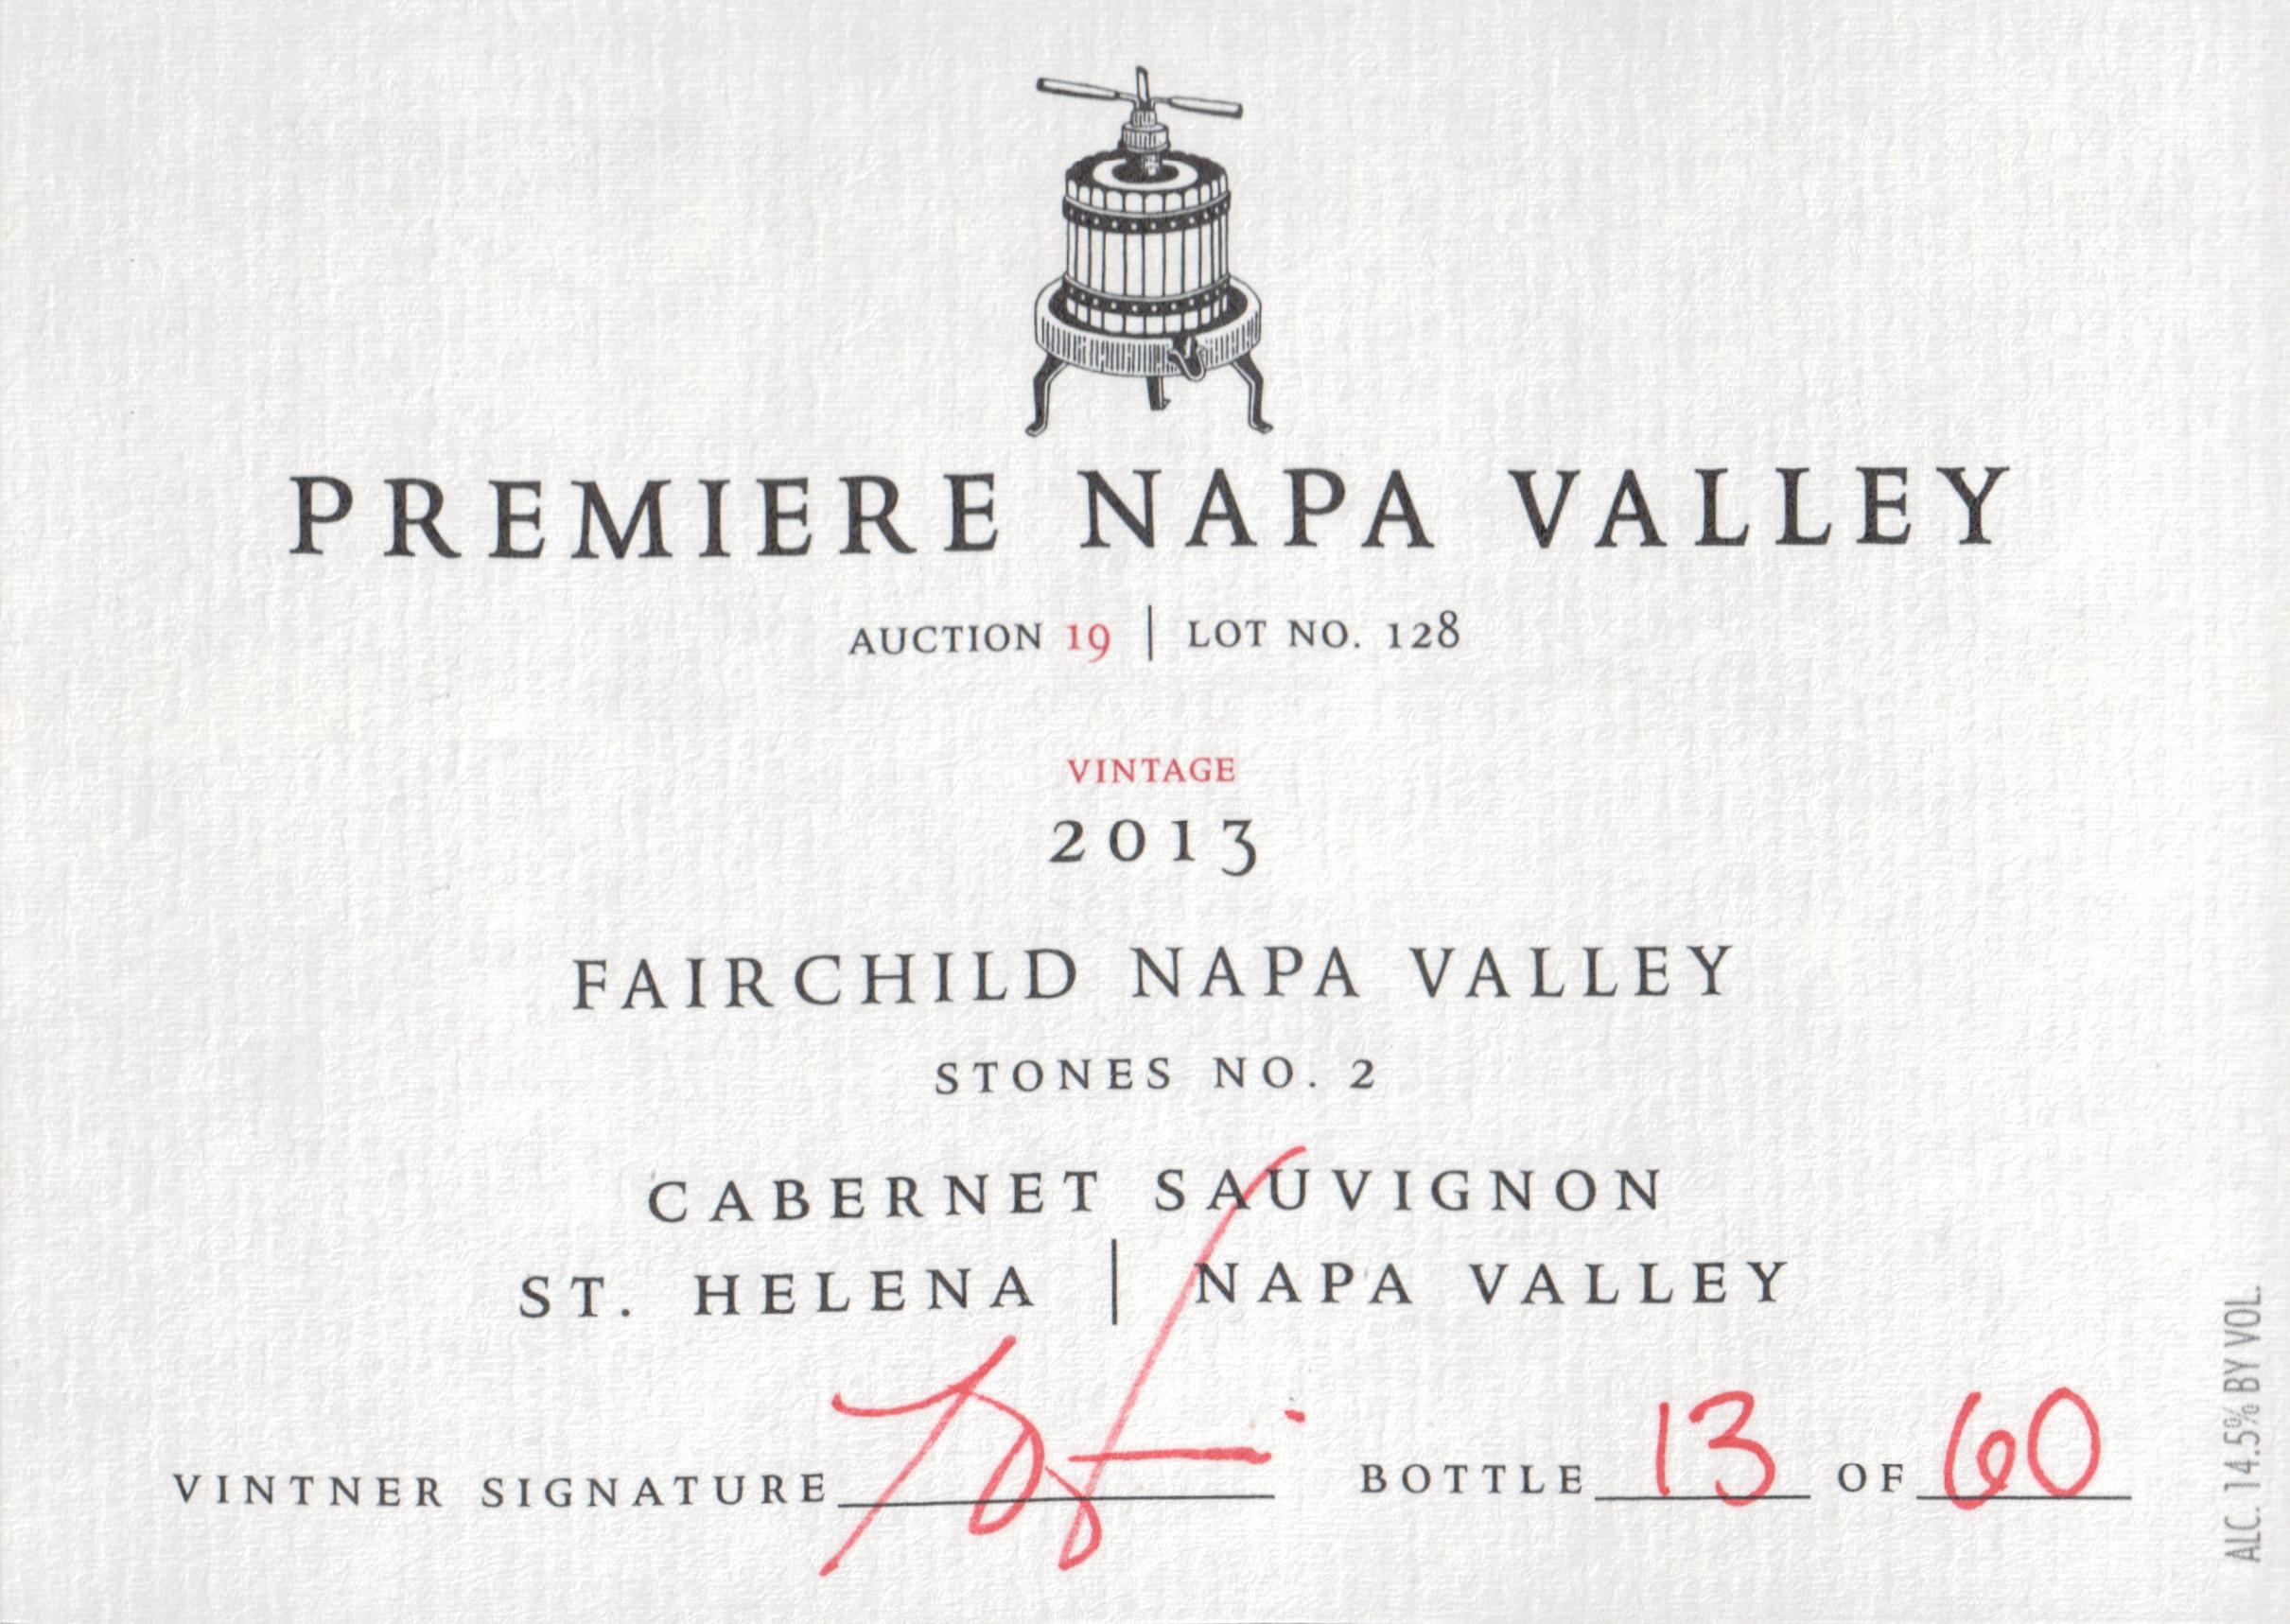 Premiere Napa Valley Fairchild Cabernet Sauvignon Stones No. 2 2013